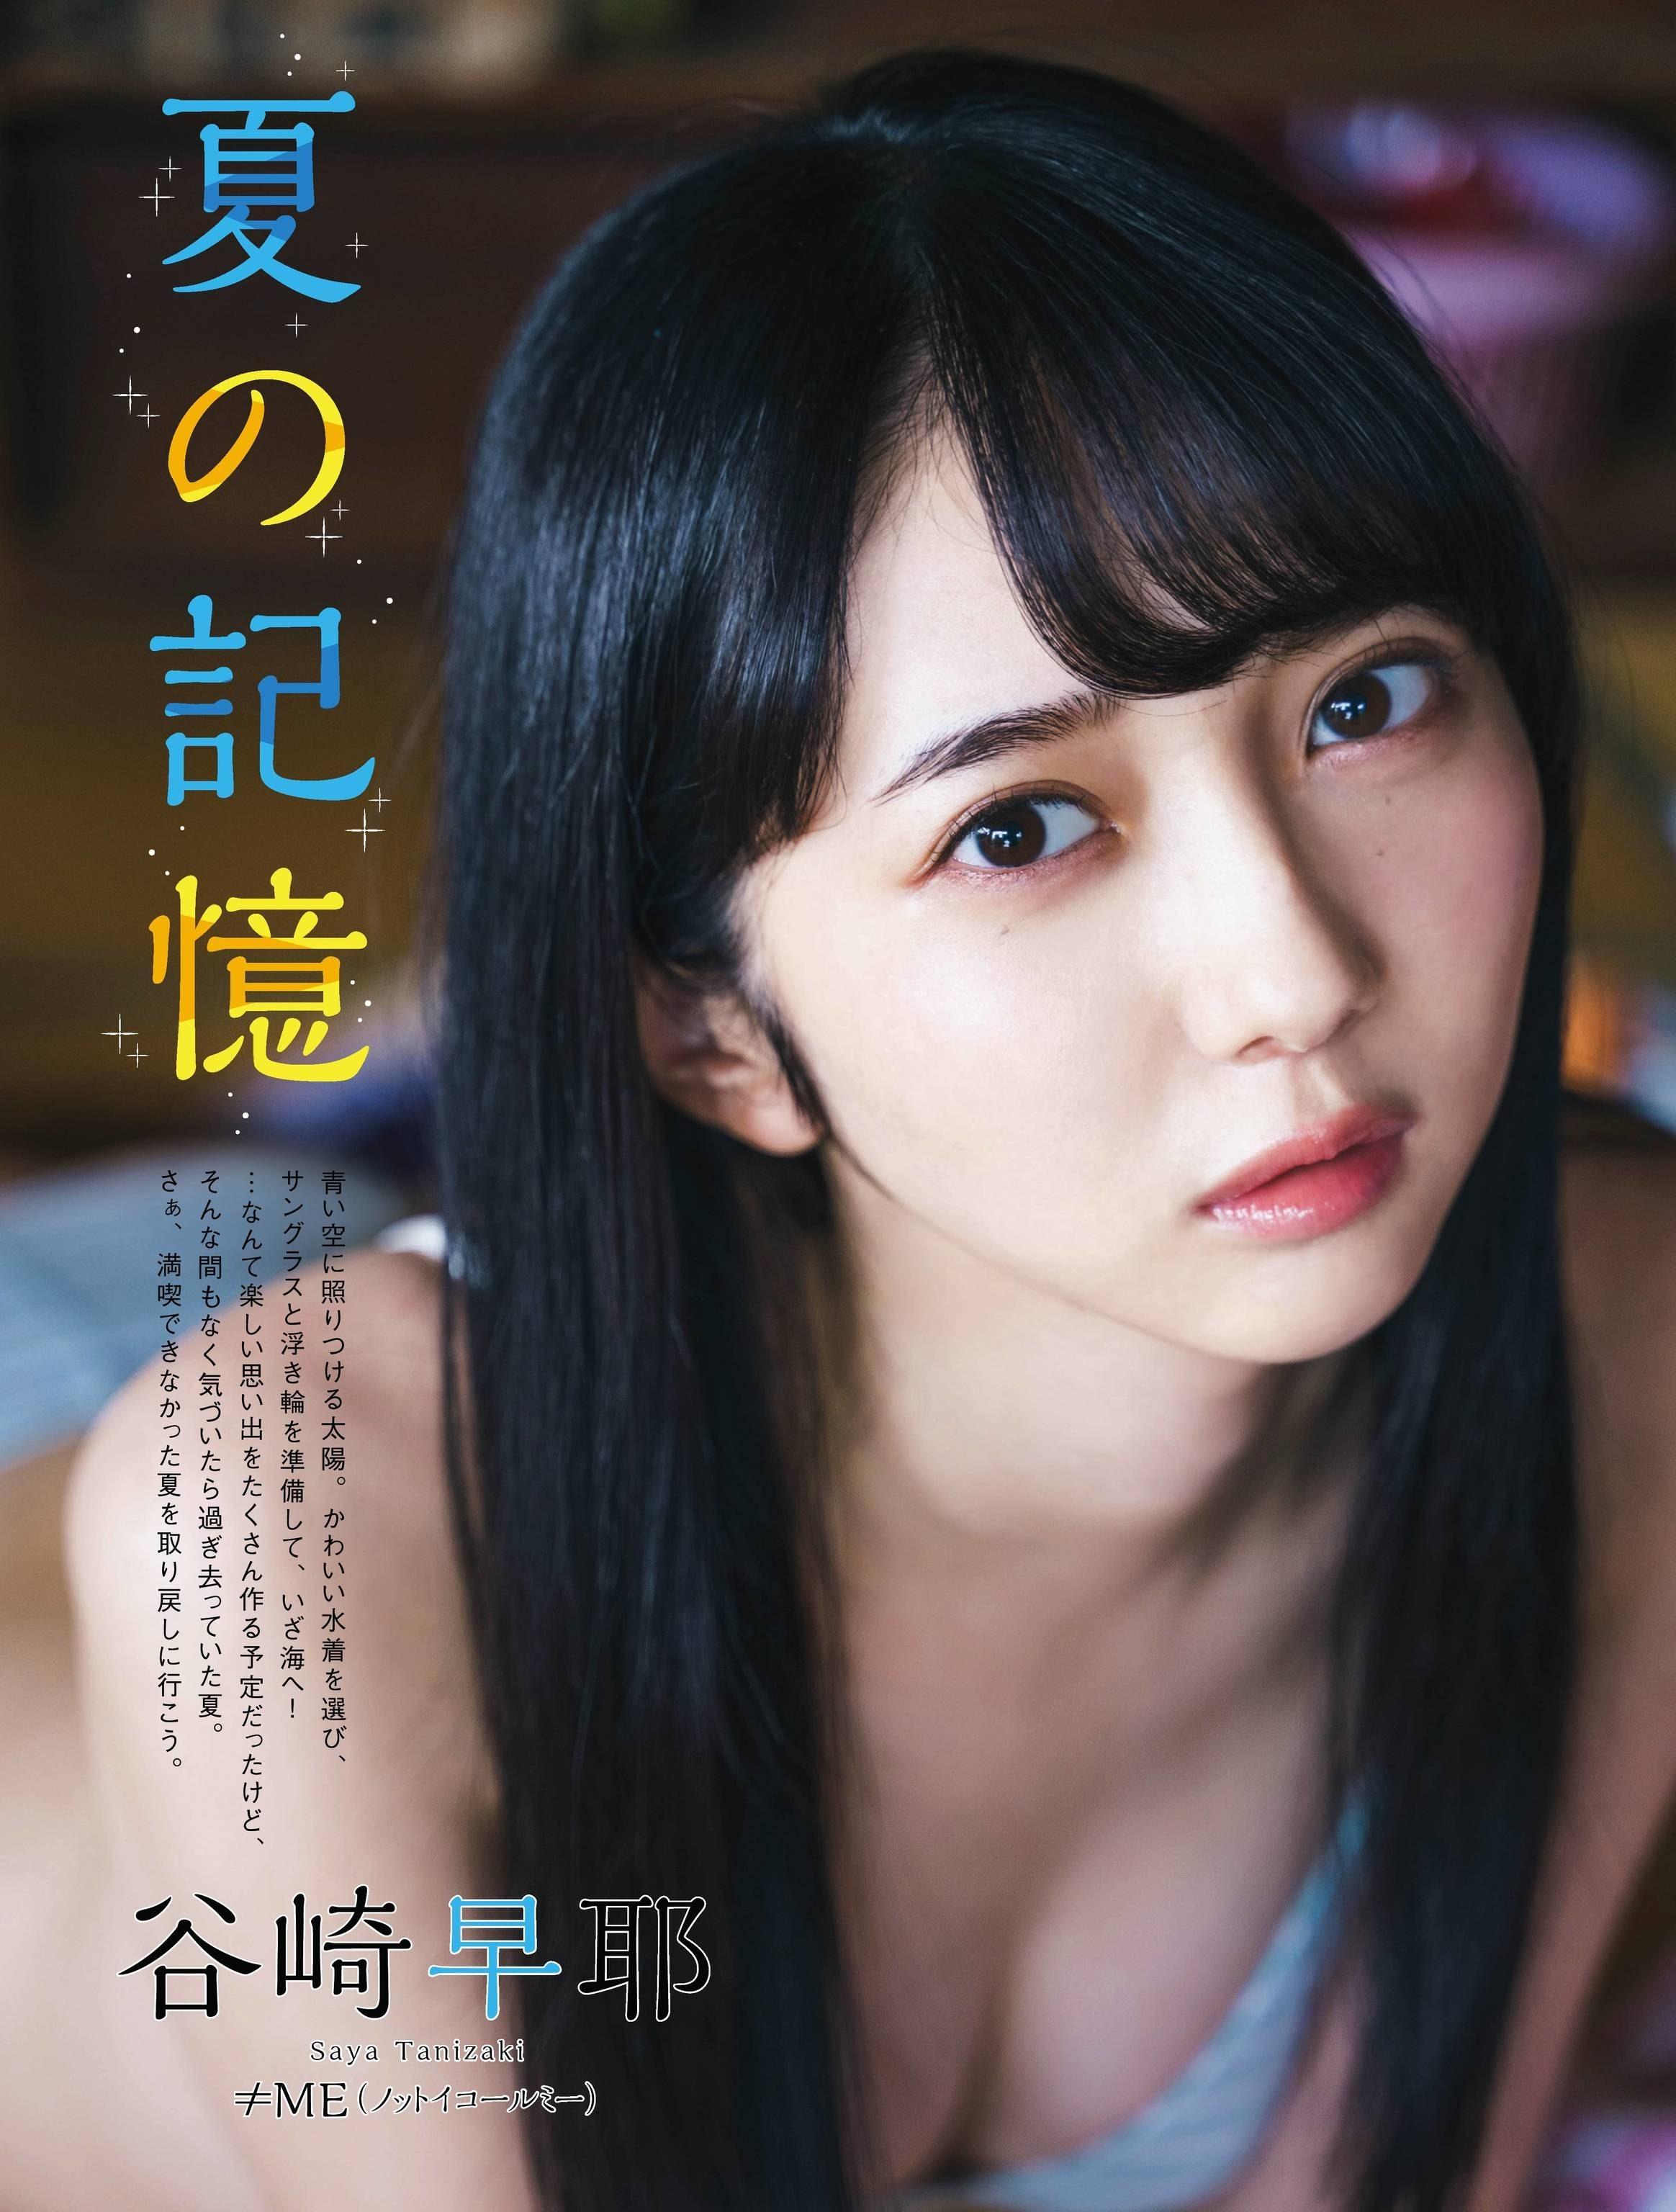 10-Saya Tanizaki (1)